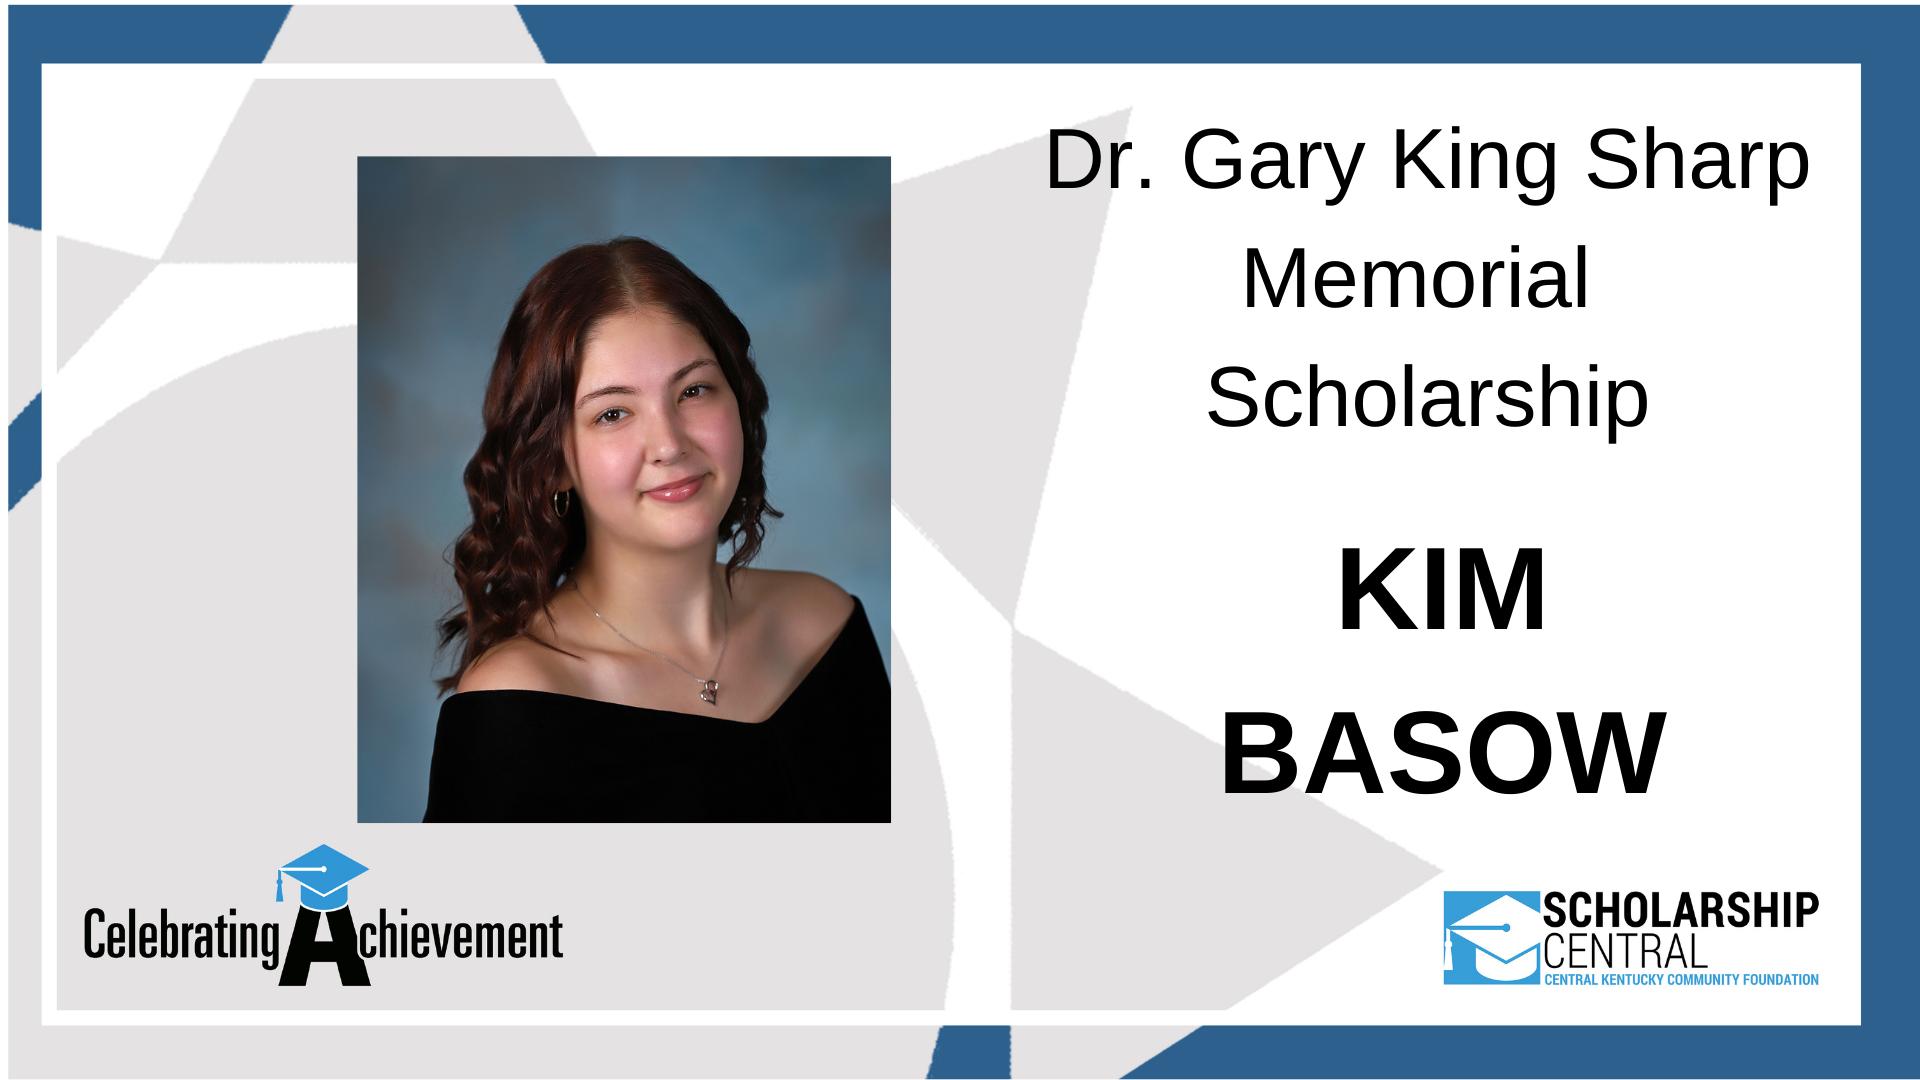 Dr Gary King Sharp Memorial Scholarship Winner